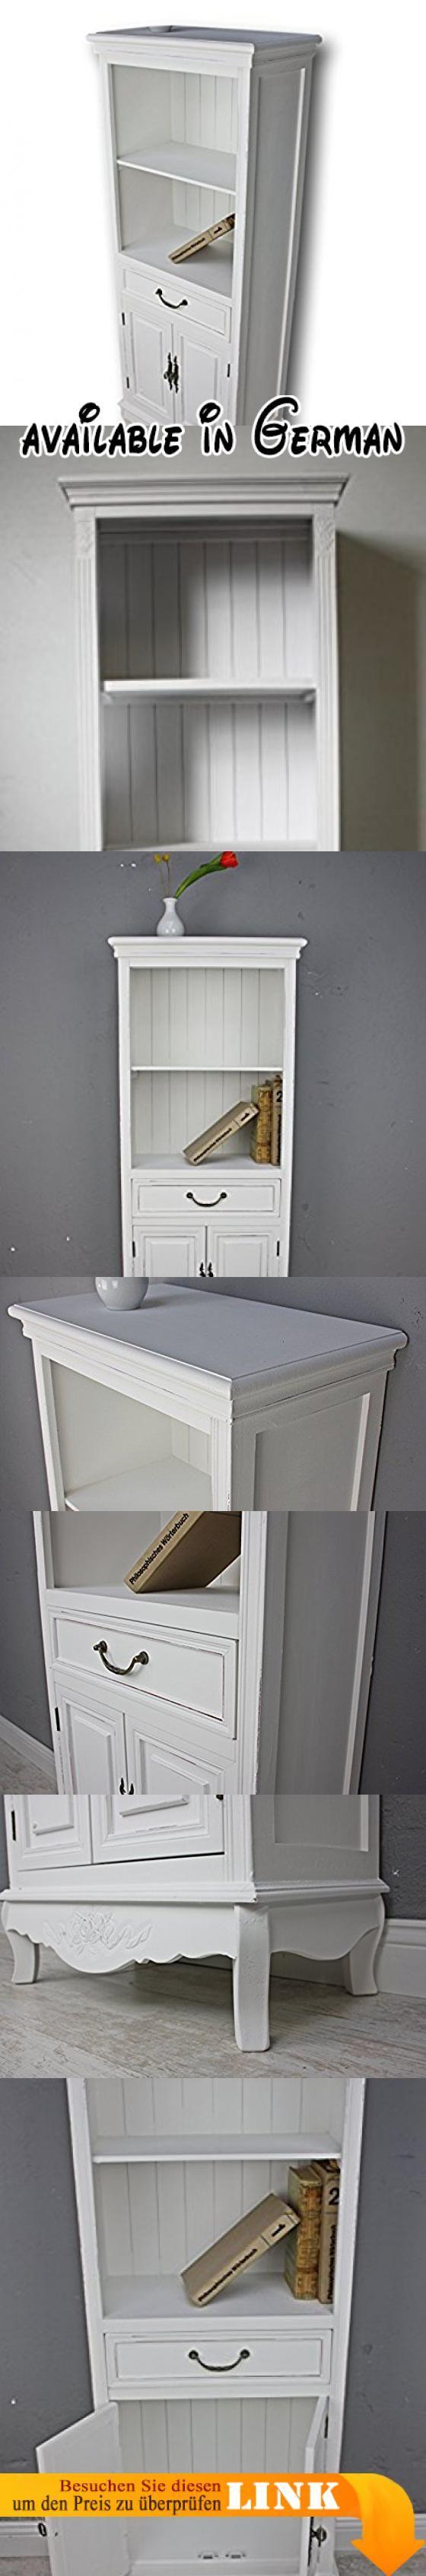 B005OK2YIM : elbmöbel Küchenregal in weiß aus Holz mit Türen im ...